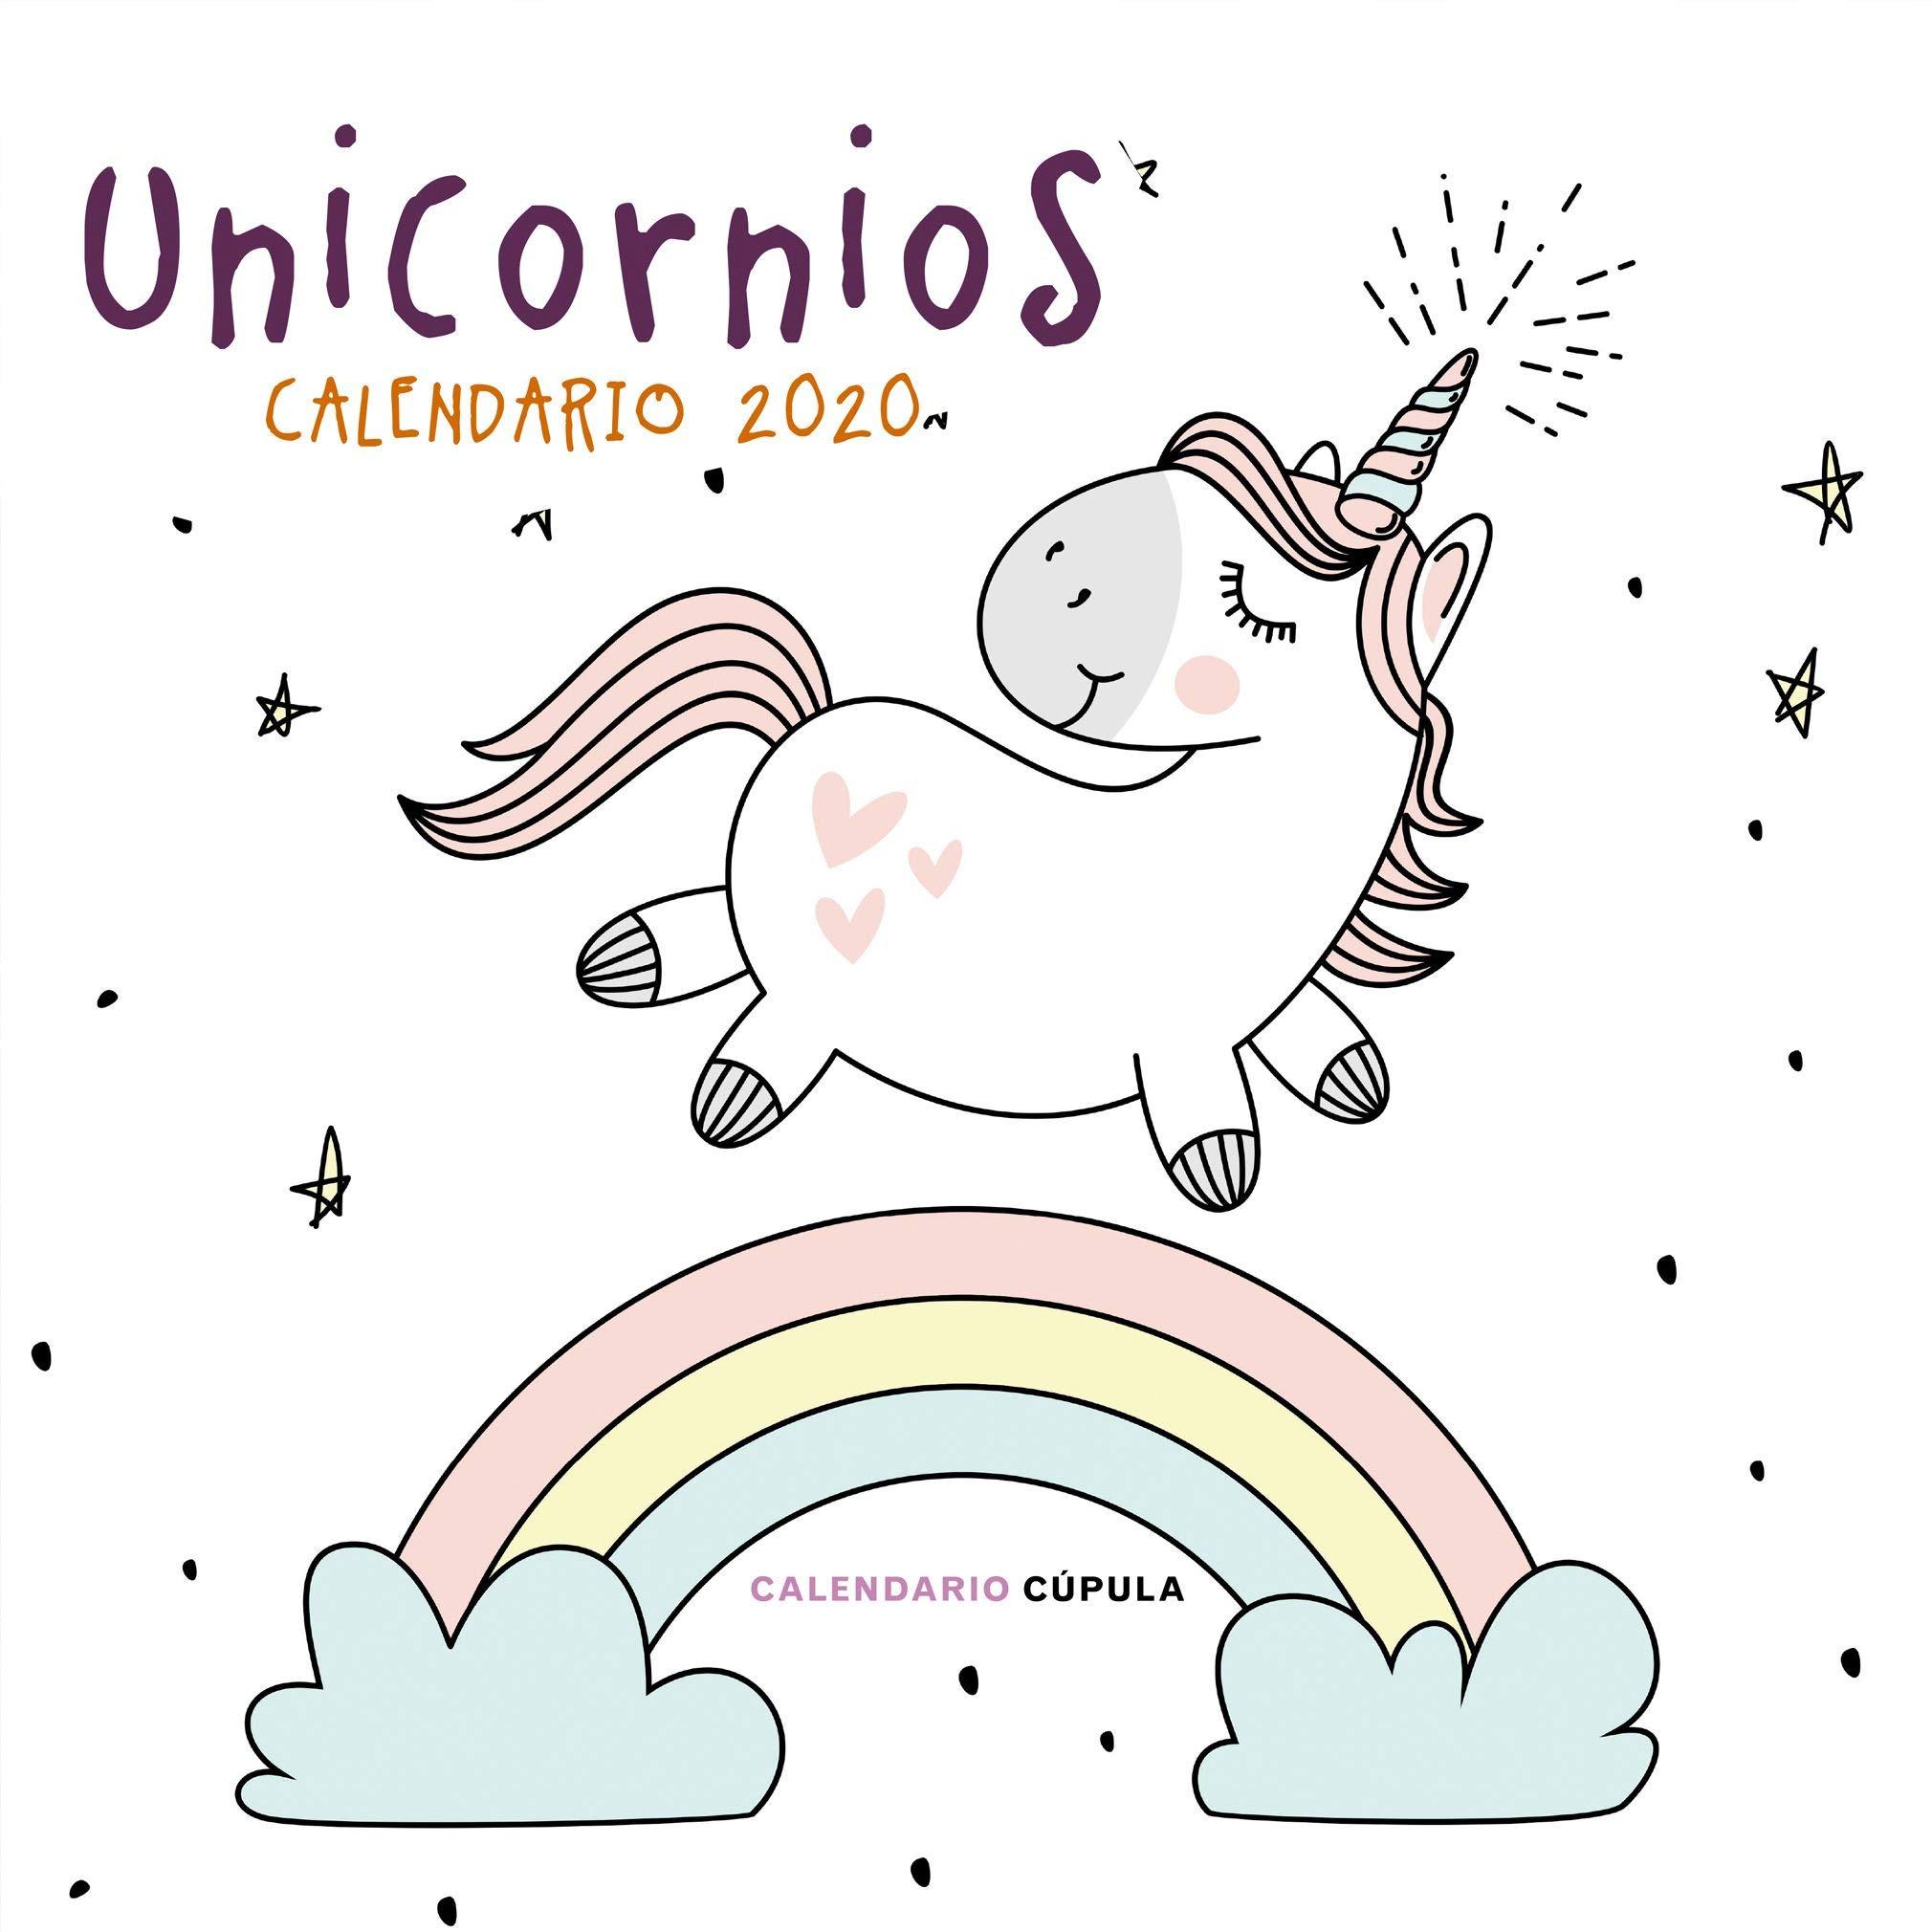 Calendario Unicornios 2020 (Calendarios y agendas): Amazon.es: AA ...